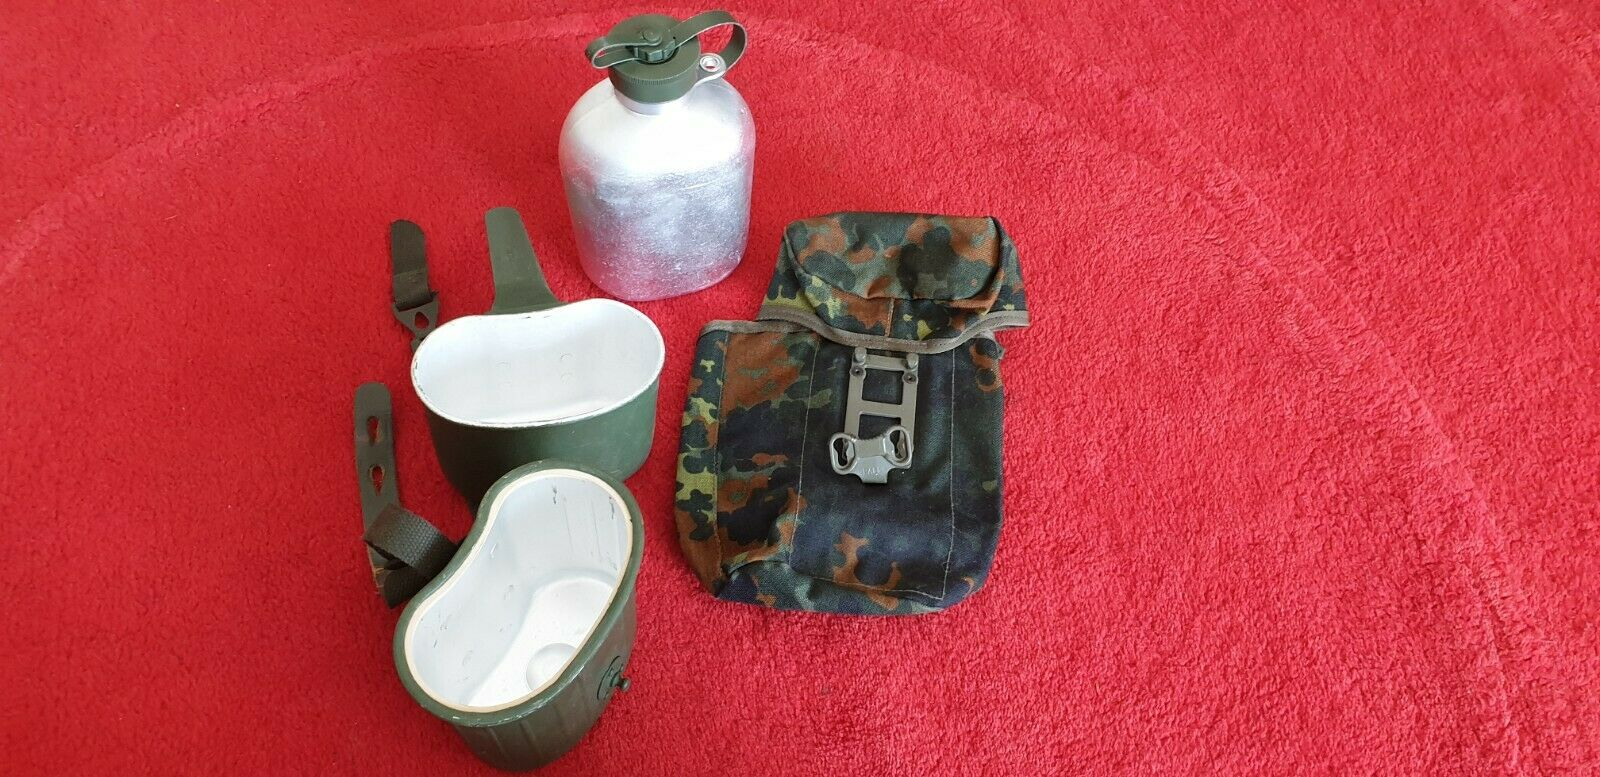 Bild 1 - Bundeswehr Feldflasch (mit Tasse/Teller/Topf und Gürteltasche)